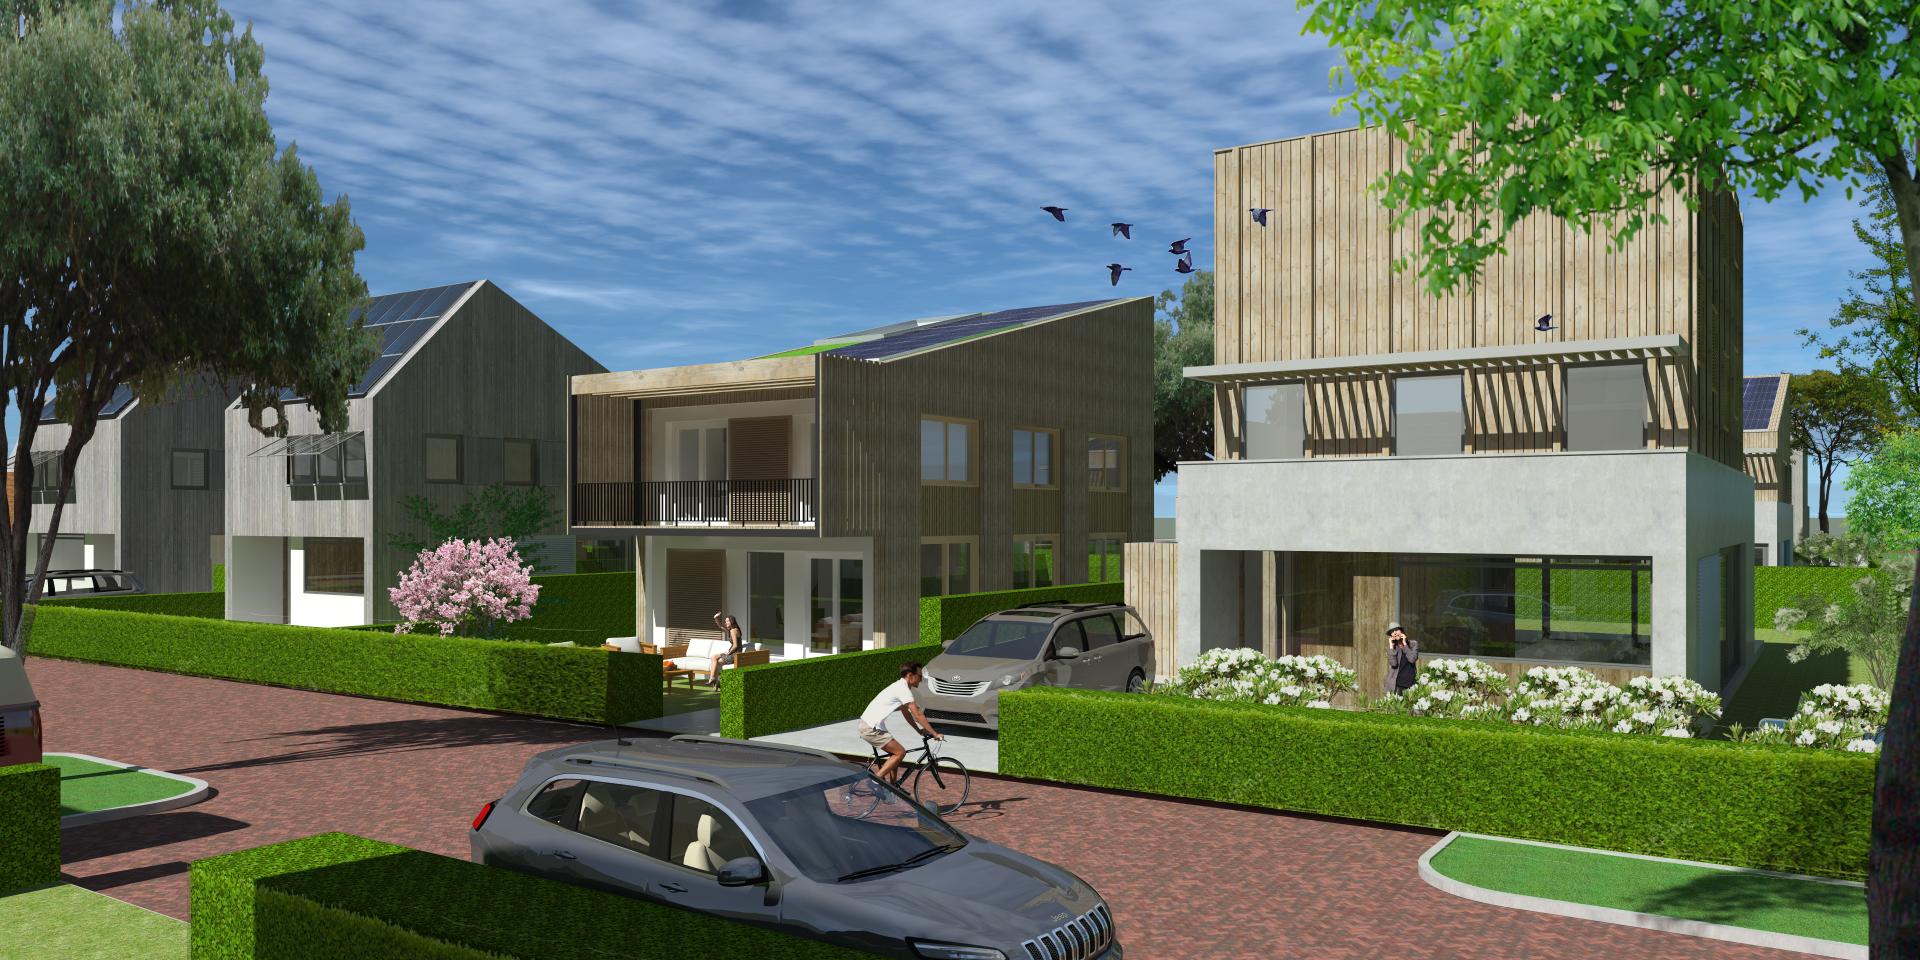 Dordrecht wilgenwende accu architecten for Dat architecten